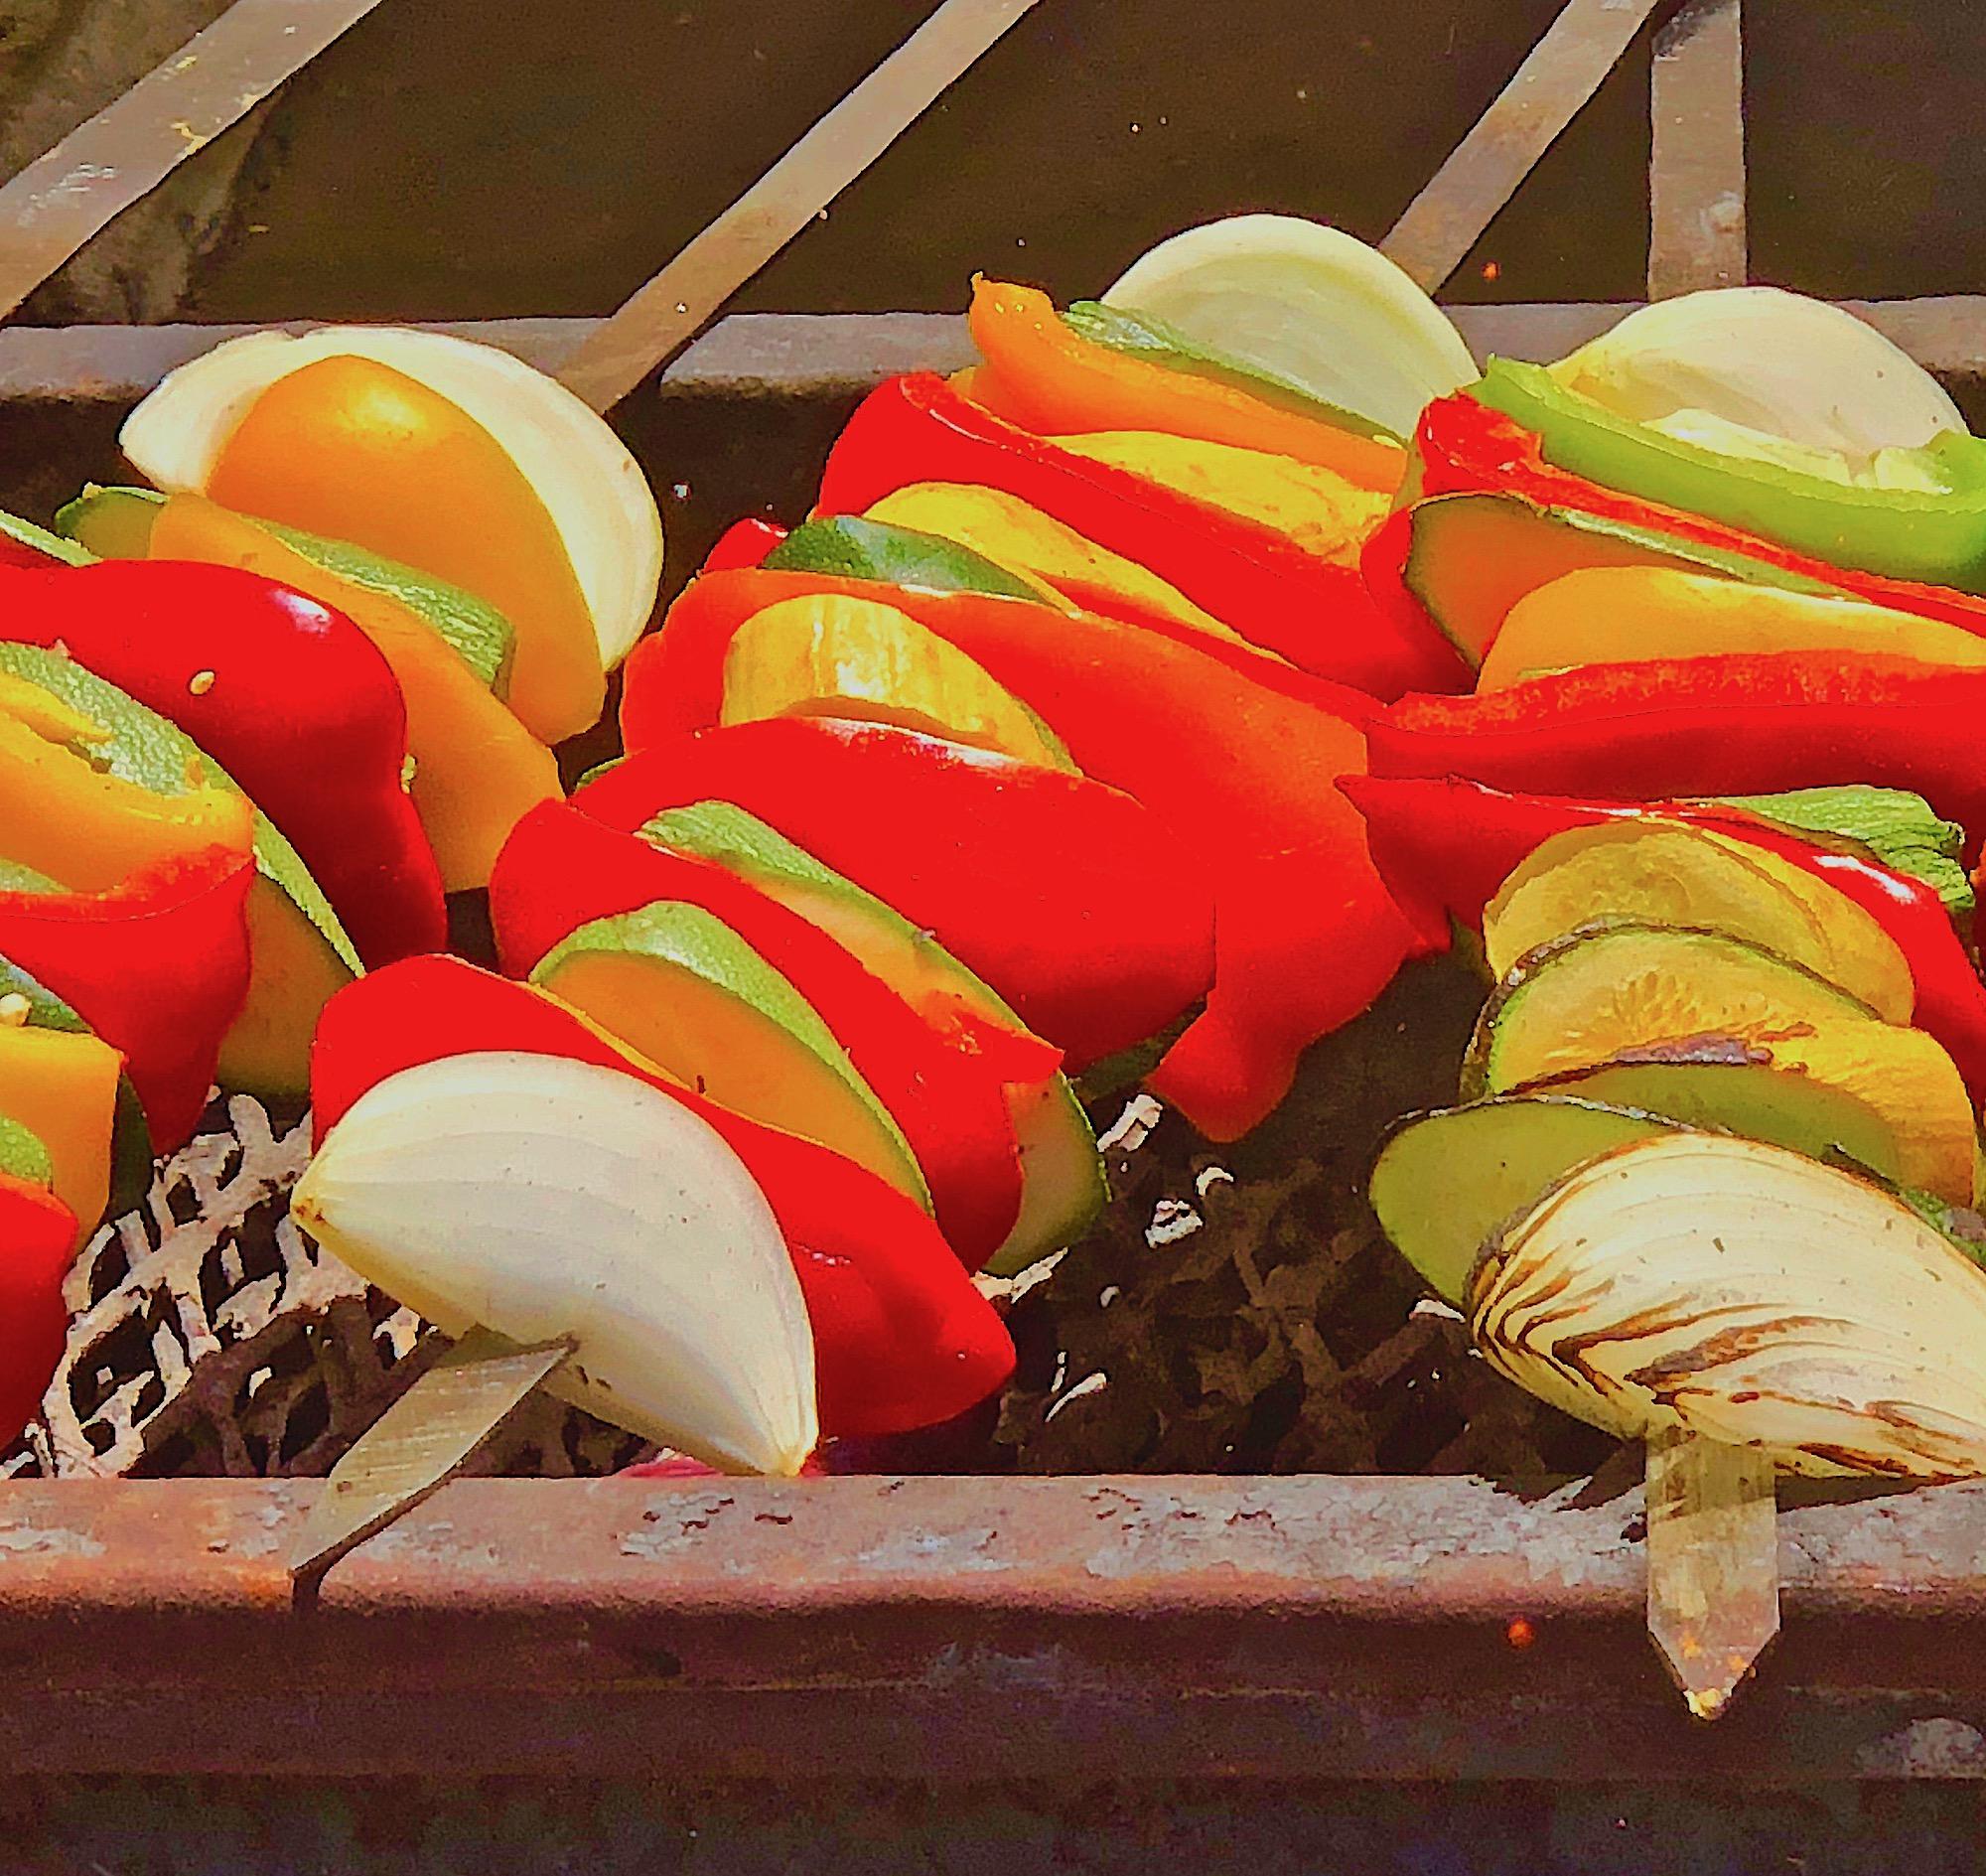 #KosherBBQ #GrilledVeggies #SantaMonicaKosherMarket #Tasty #BBQ #Sundays